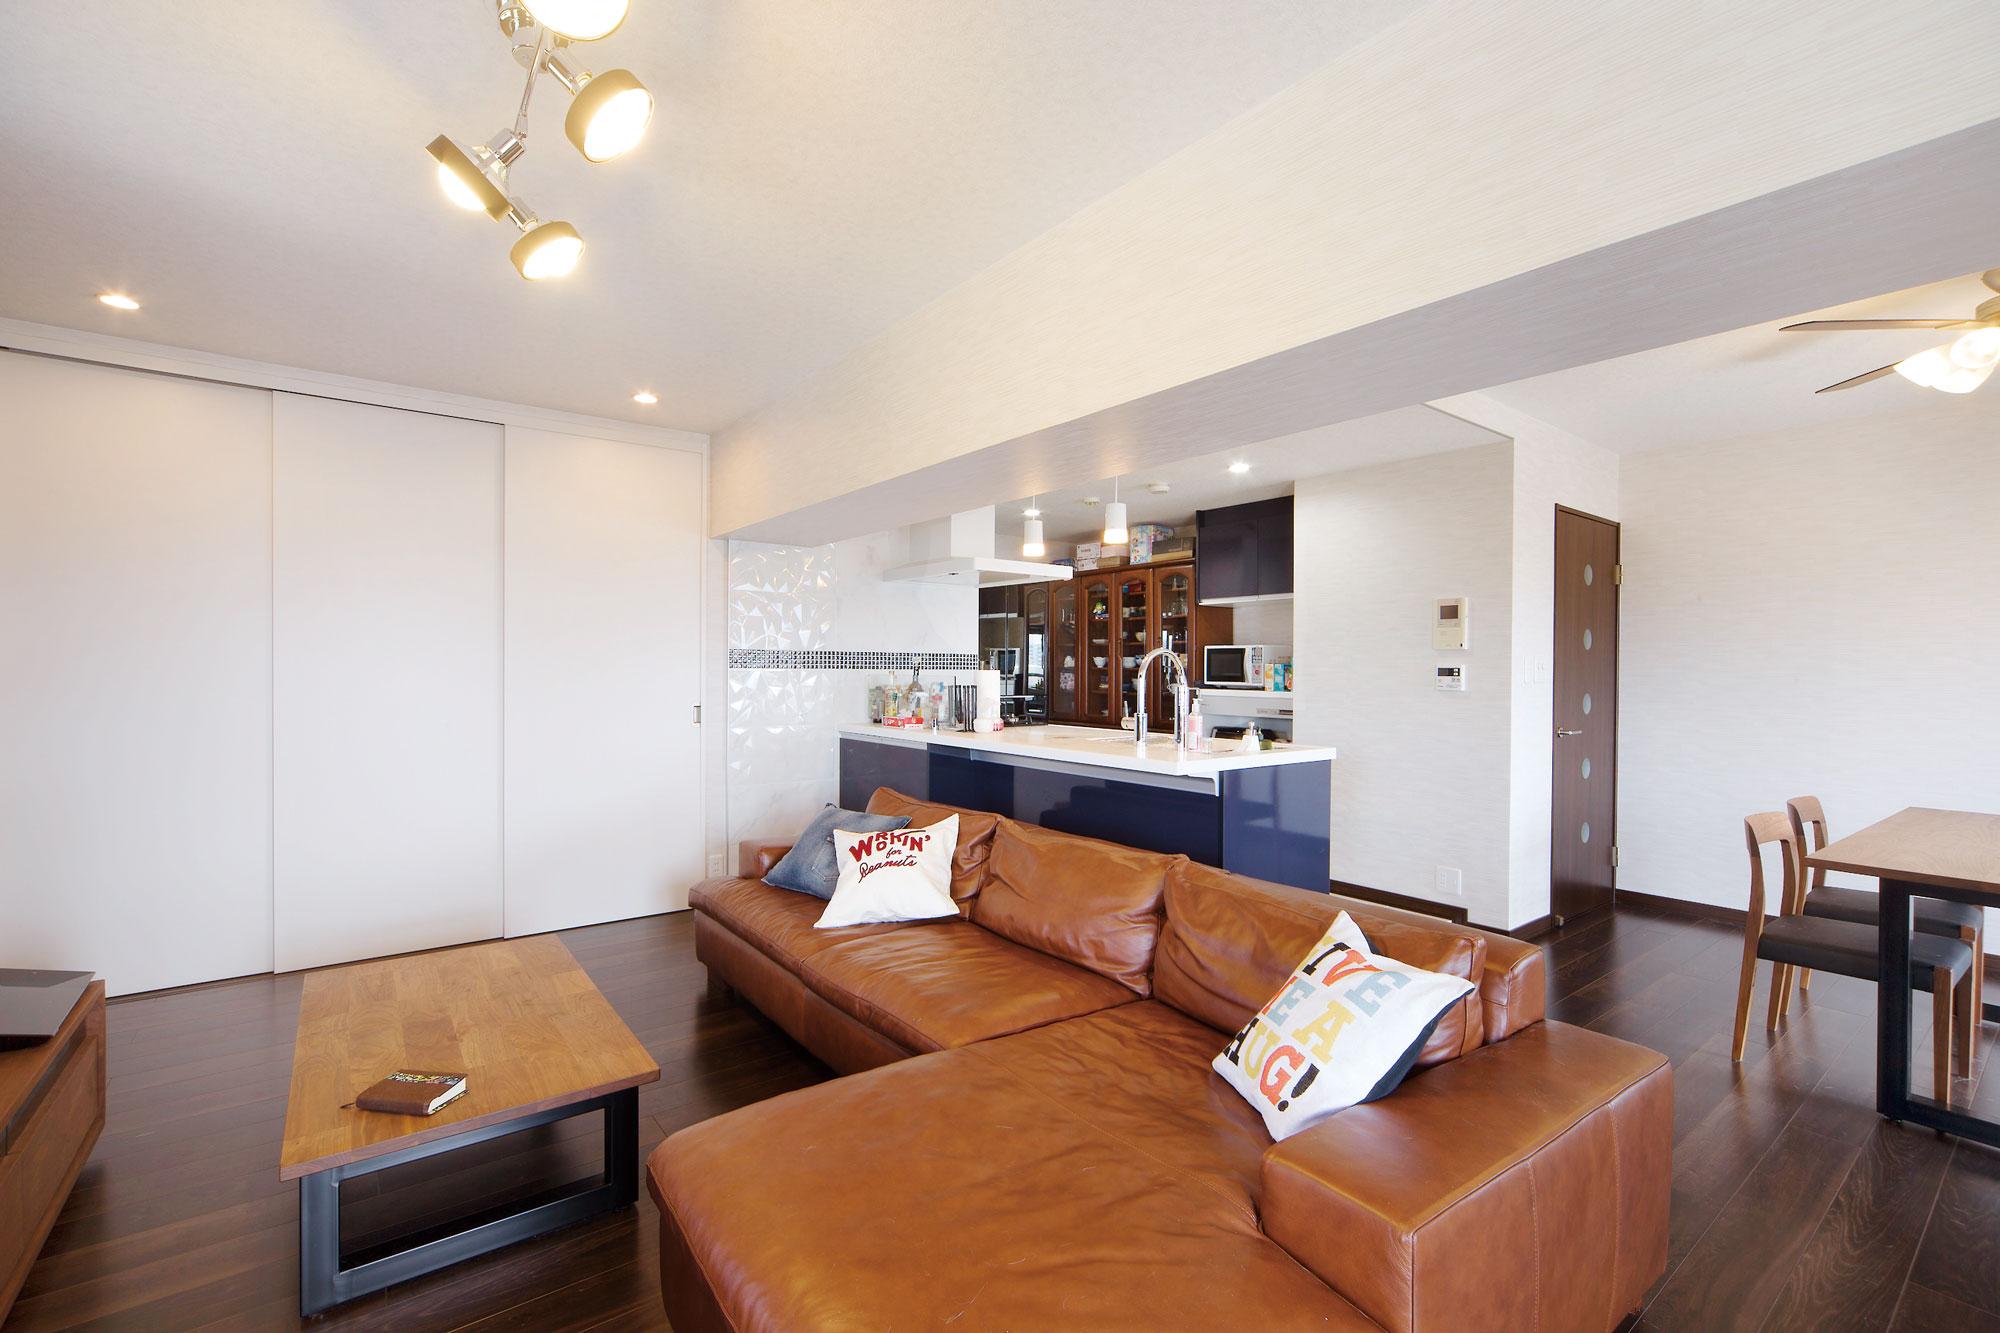 レザー張りのソファでゲストにはくつろぎの雰囲気を。使い勝手を考えて三連引戸の収納も設置。